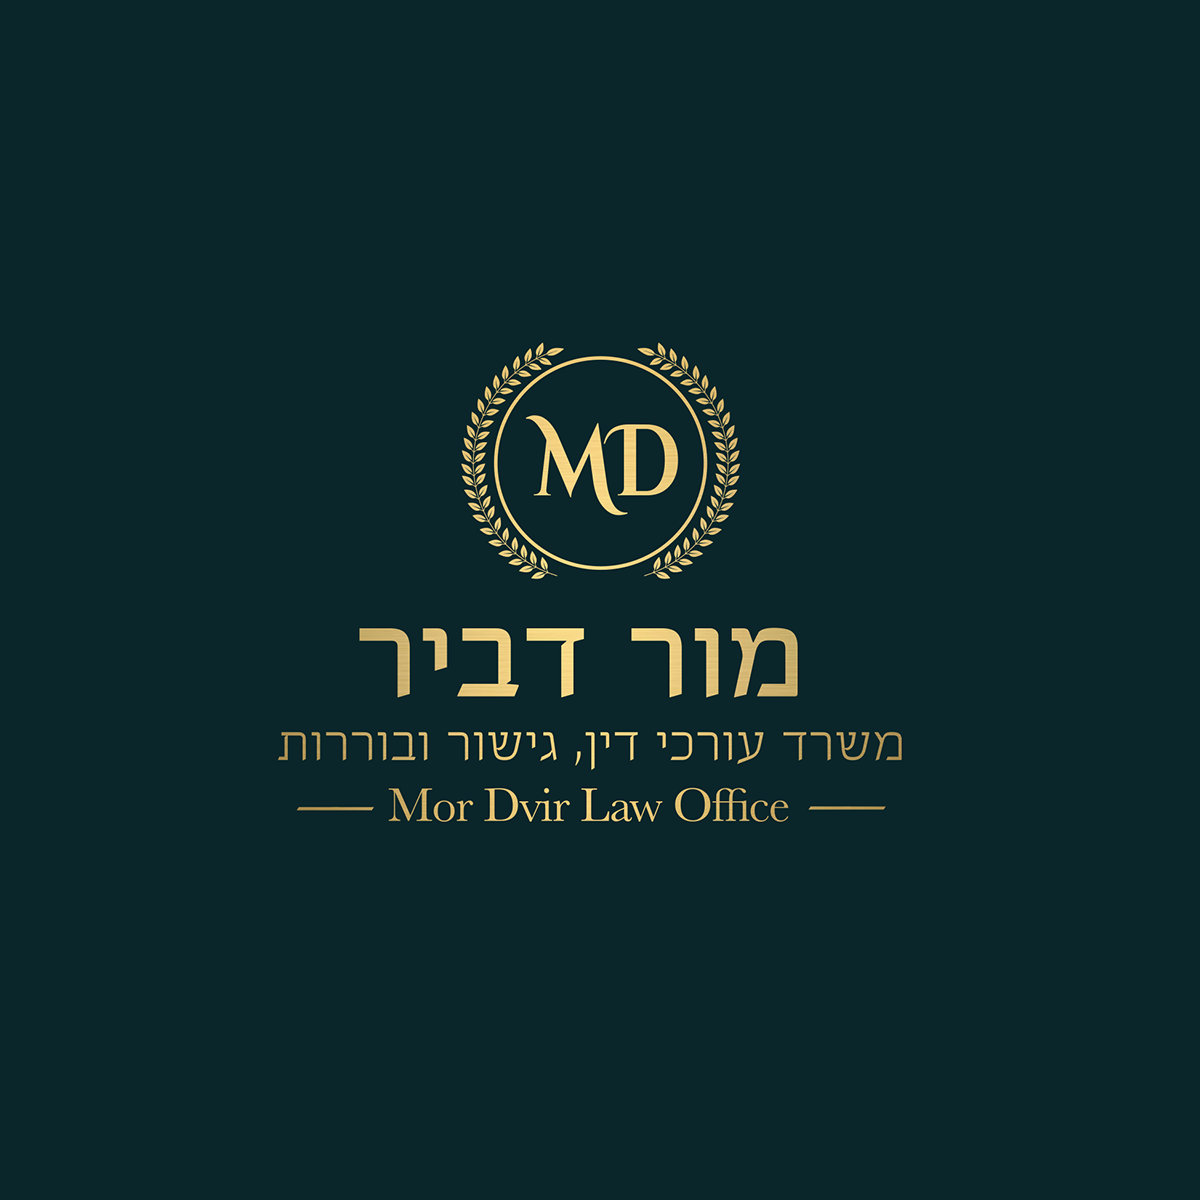 עיצוב לוגו מור דביר